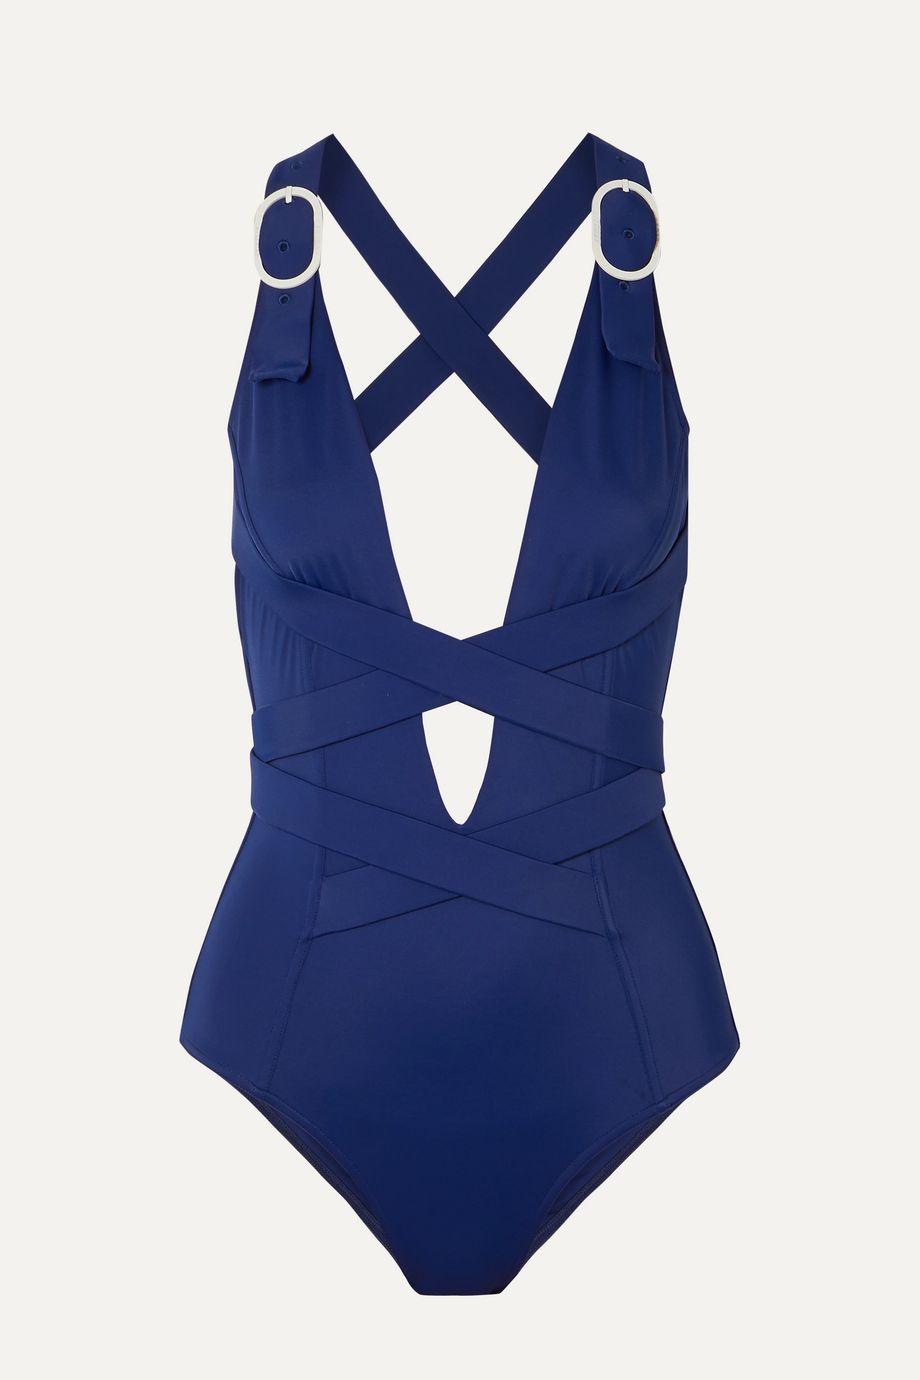 Medina Swimwear Seaquest buckled swimsuit